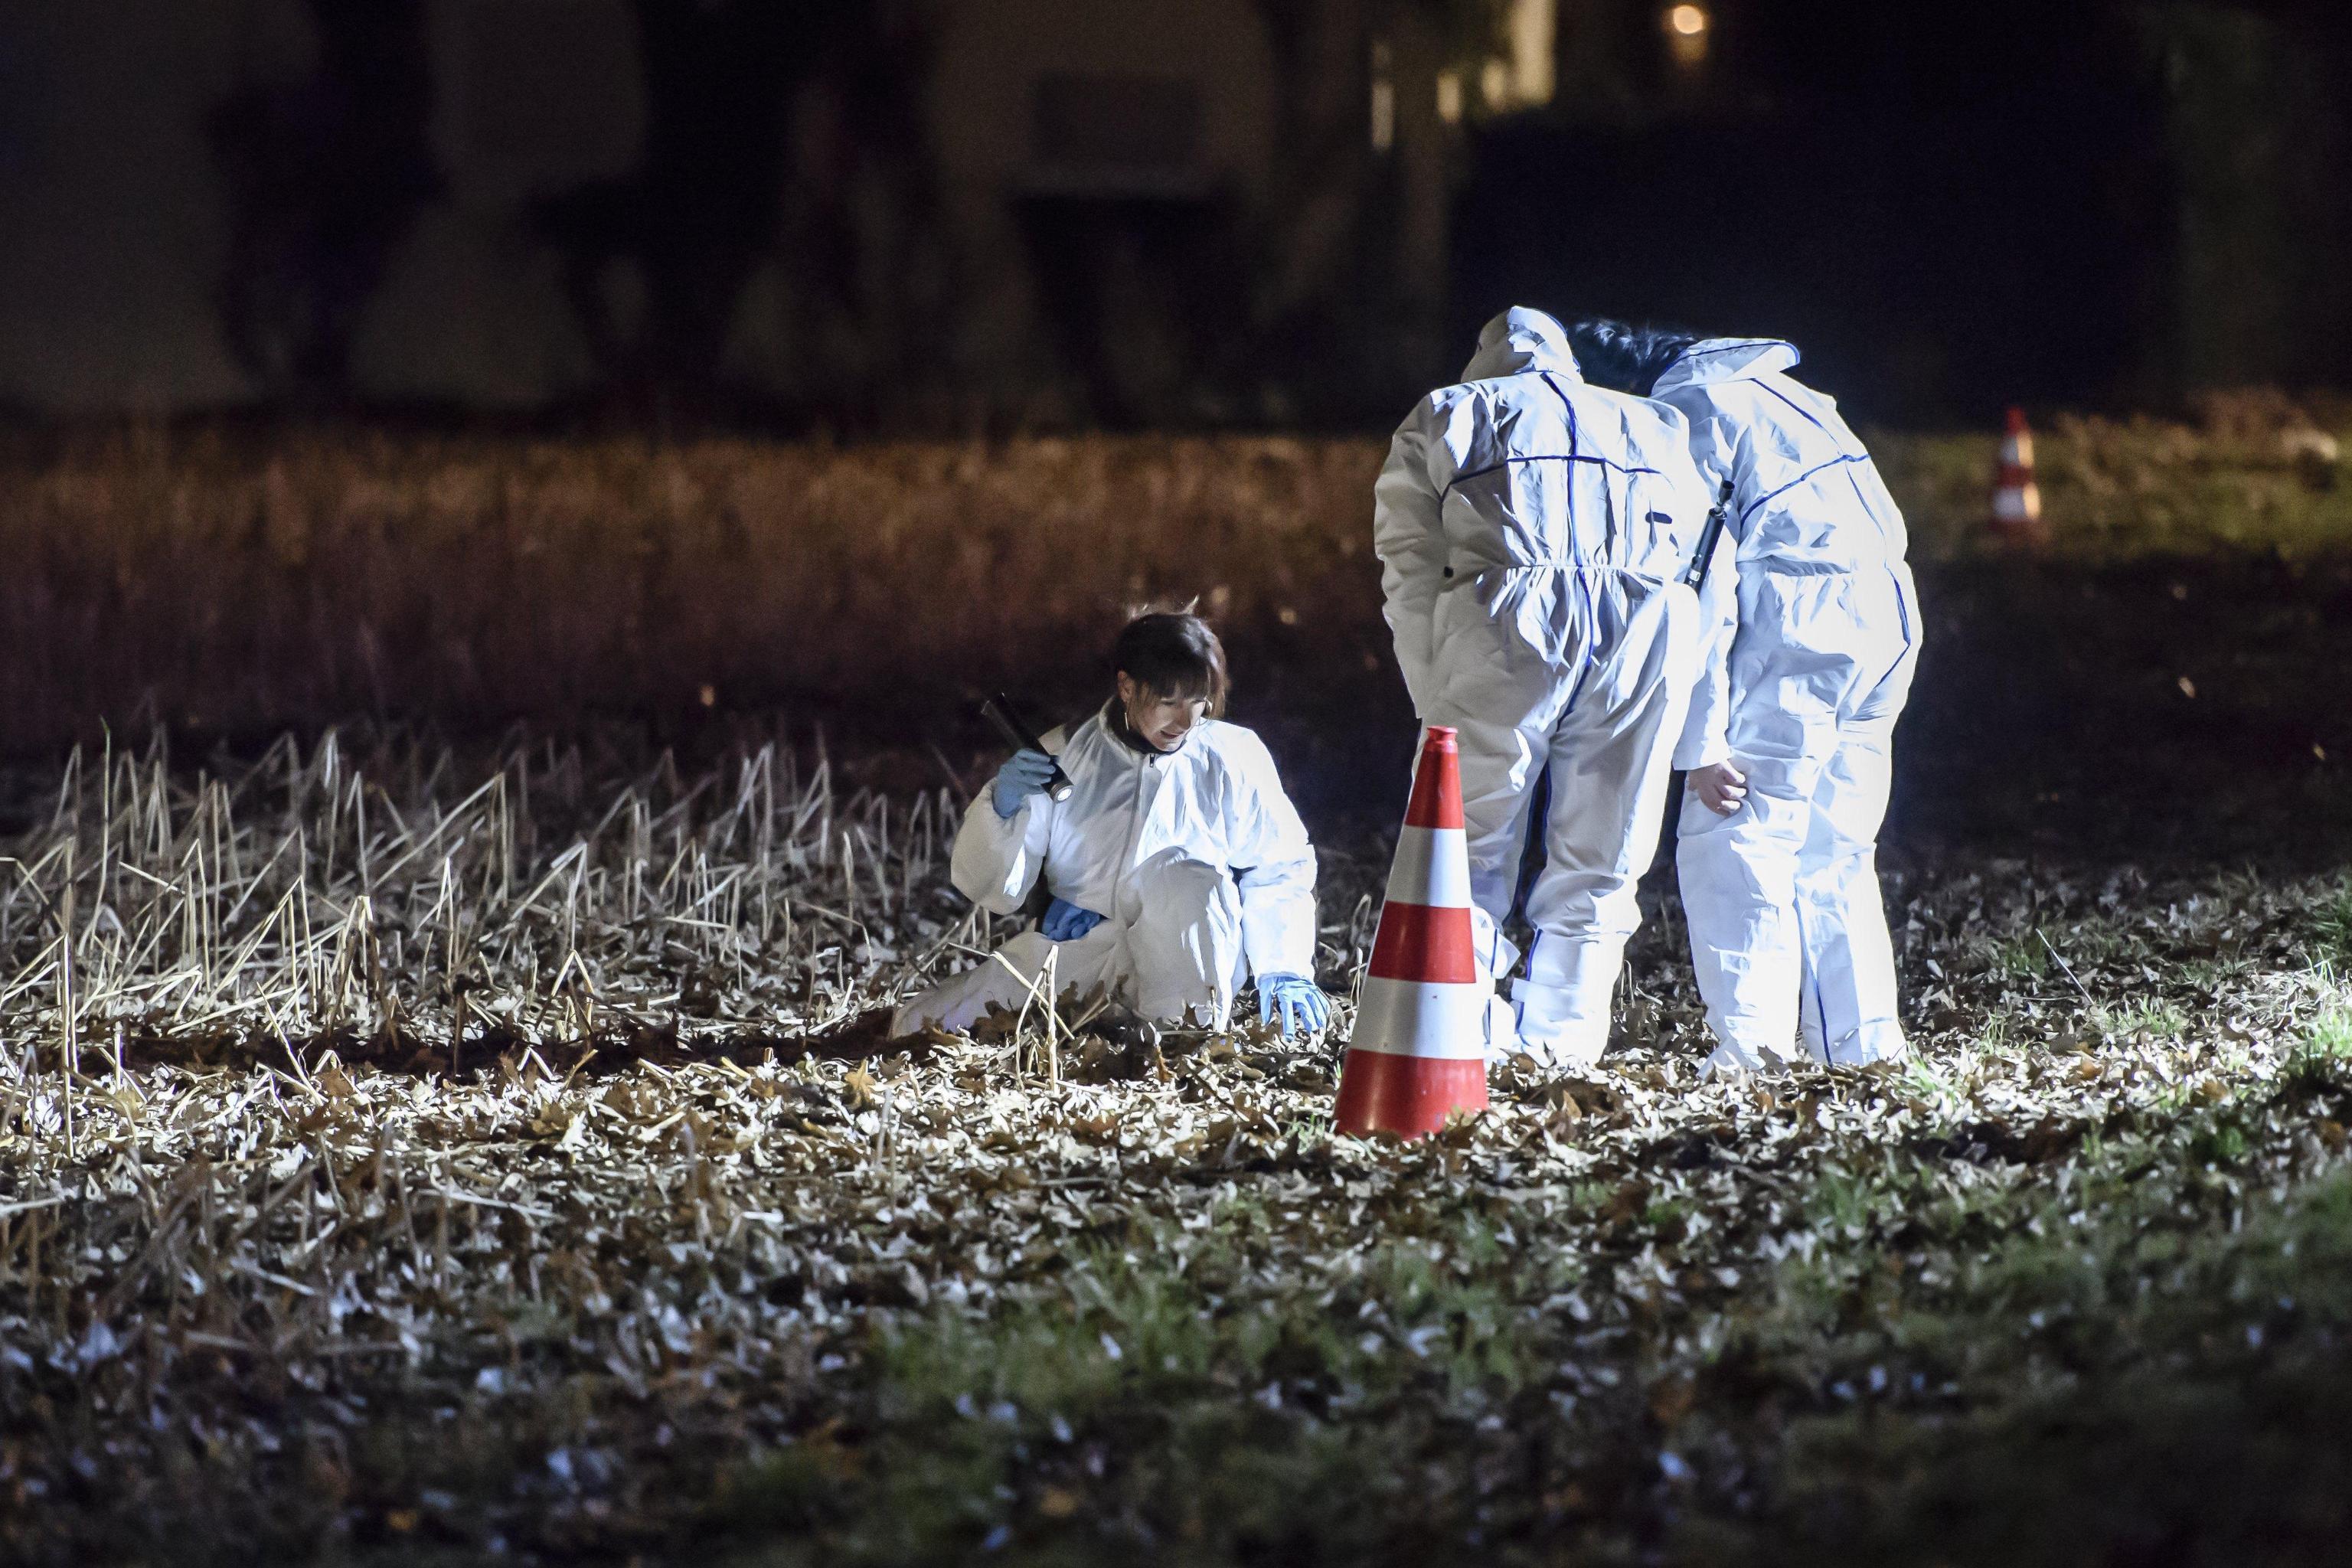 Usa, partorisce e uccide il bambino, poi gli dà fuoco: i resti trovati in giardino